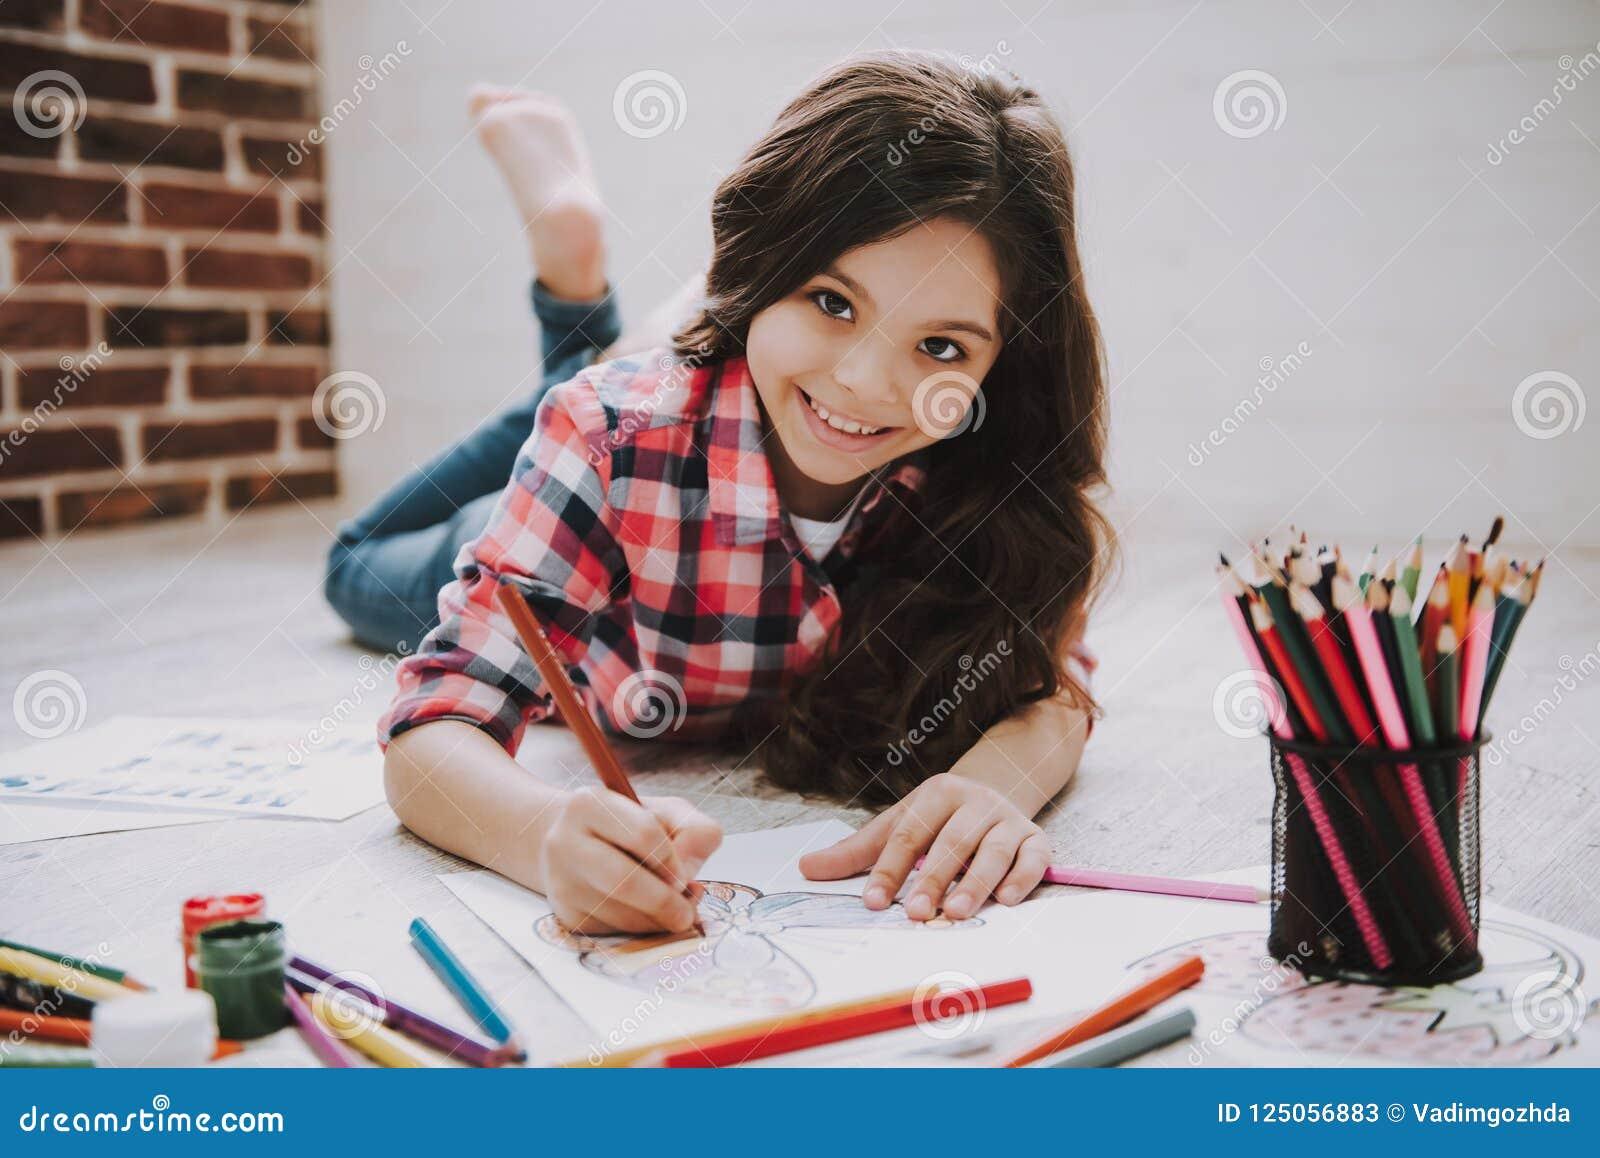 Immagini sveglie del disegno della ragazza con le matite di colore